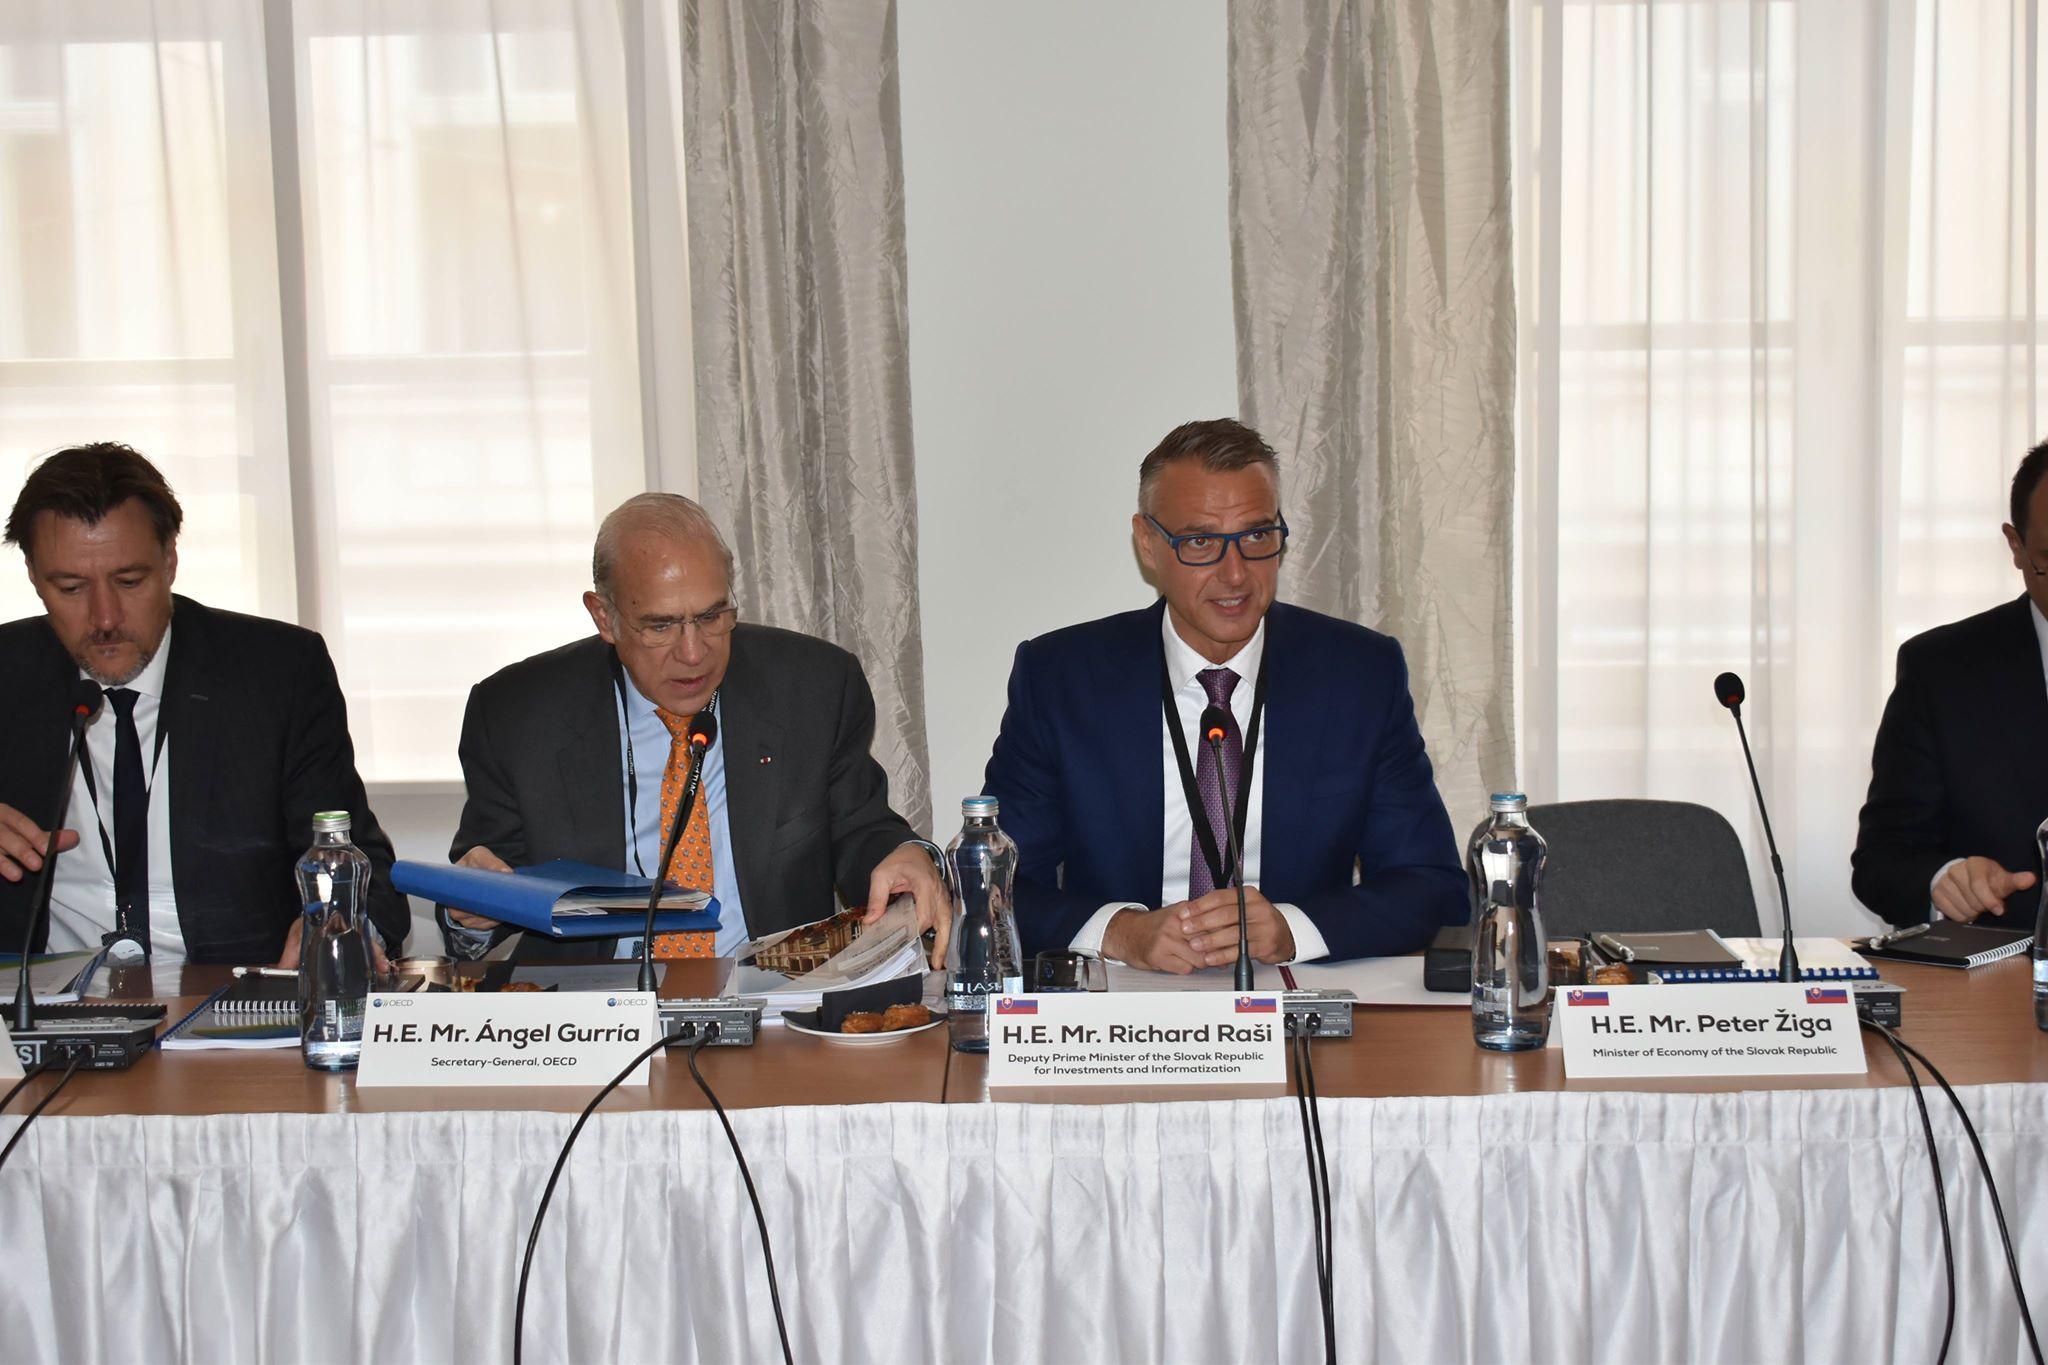 Slovenské predsedníctvo OECD sa blíži, kľúčovou témou bude digitálna transformácia